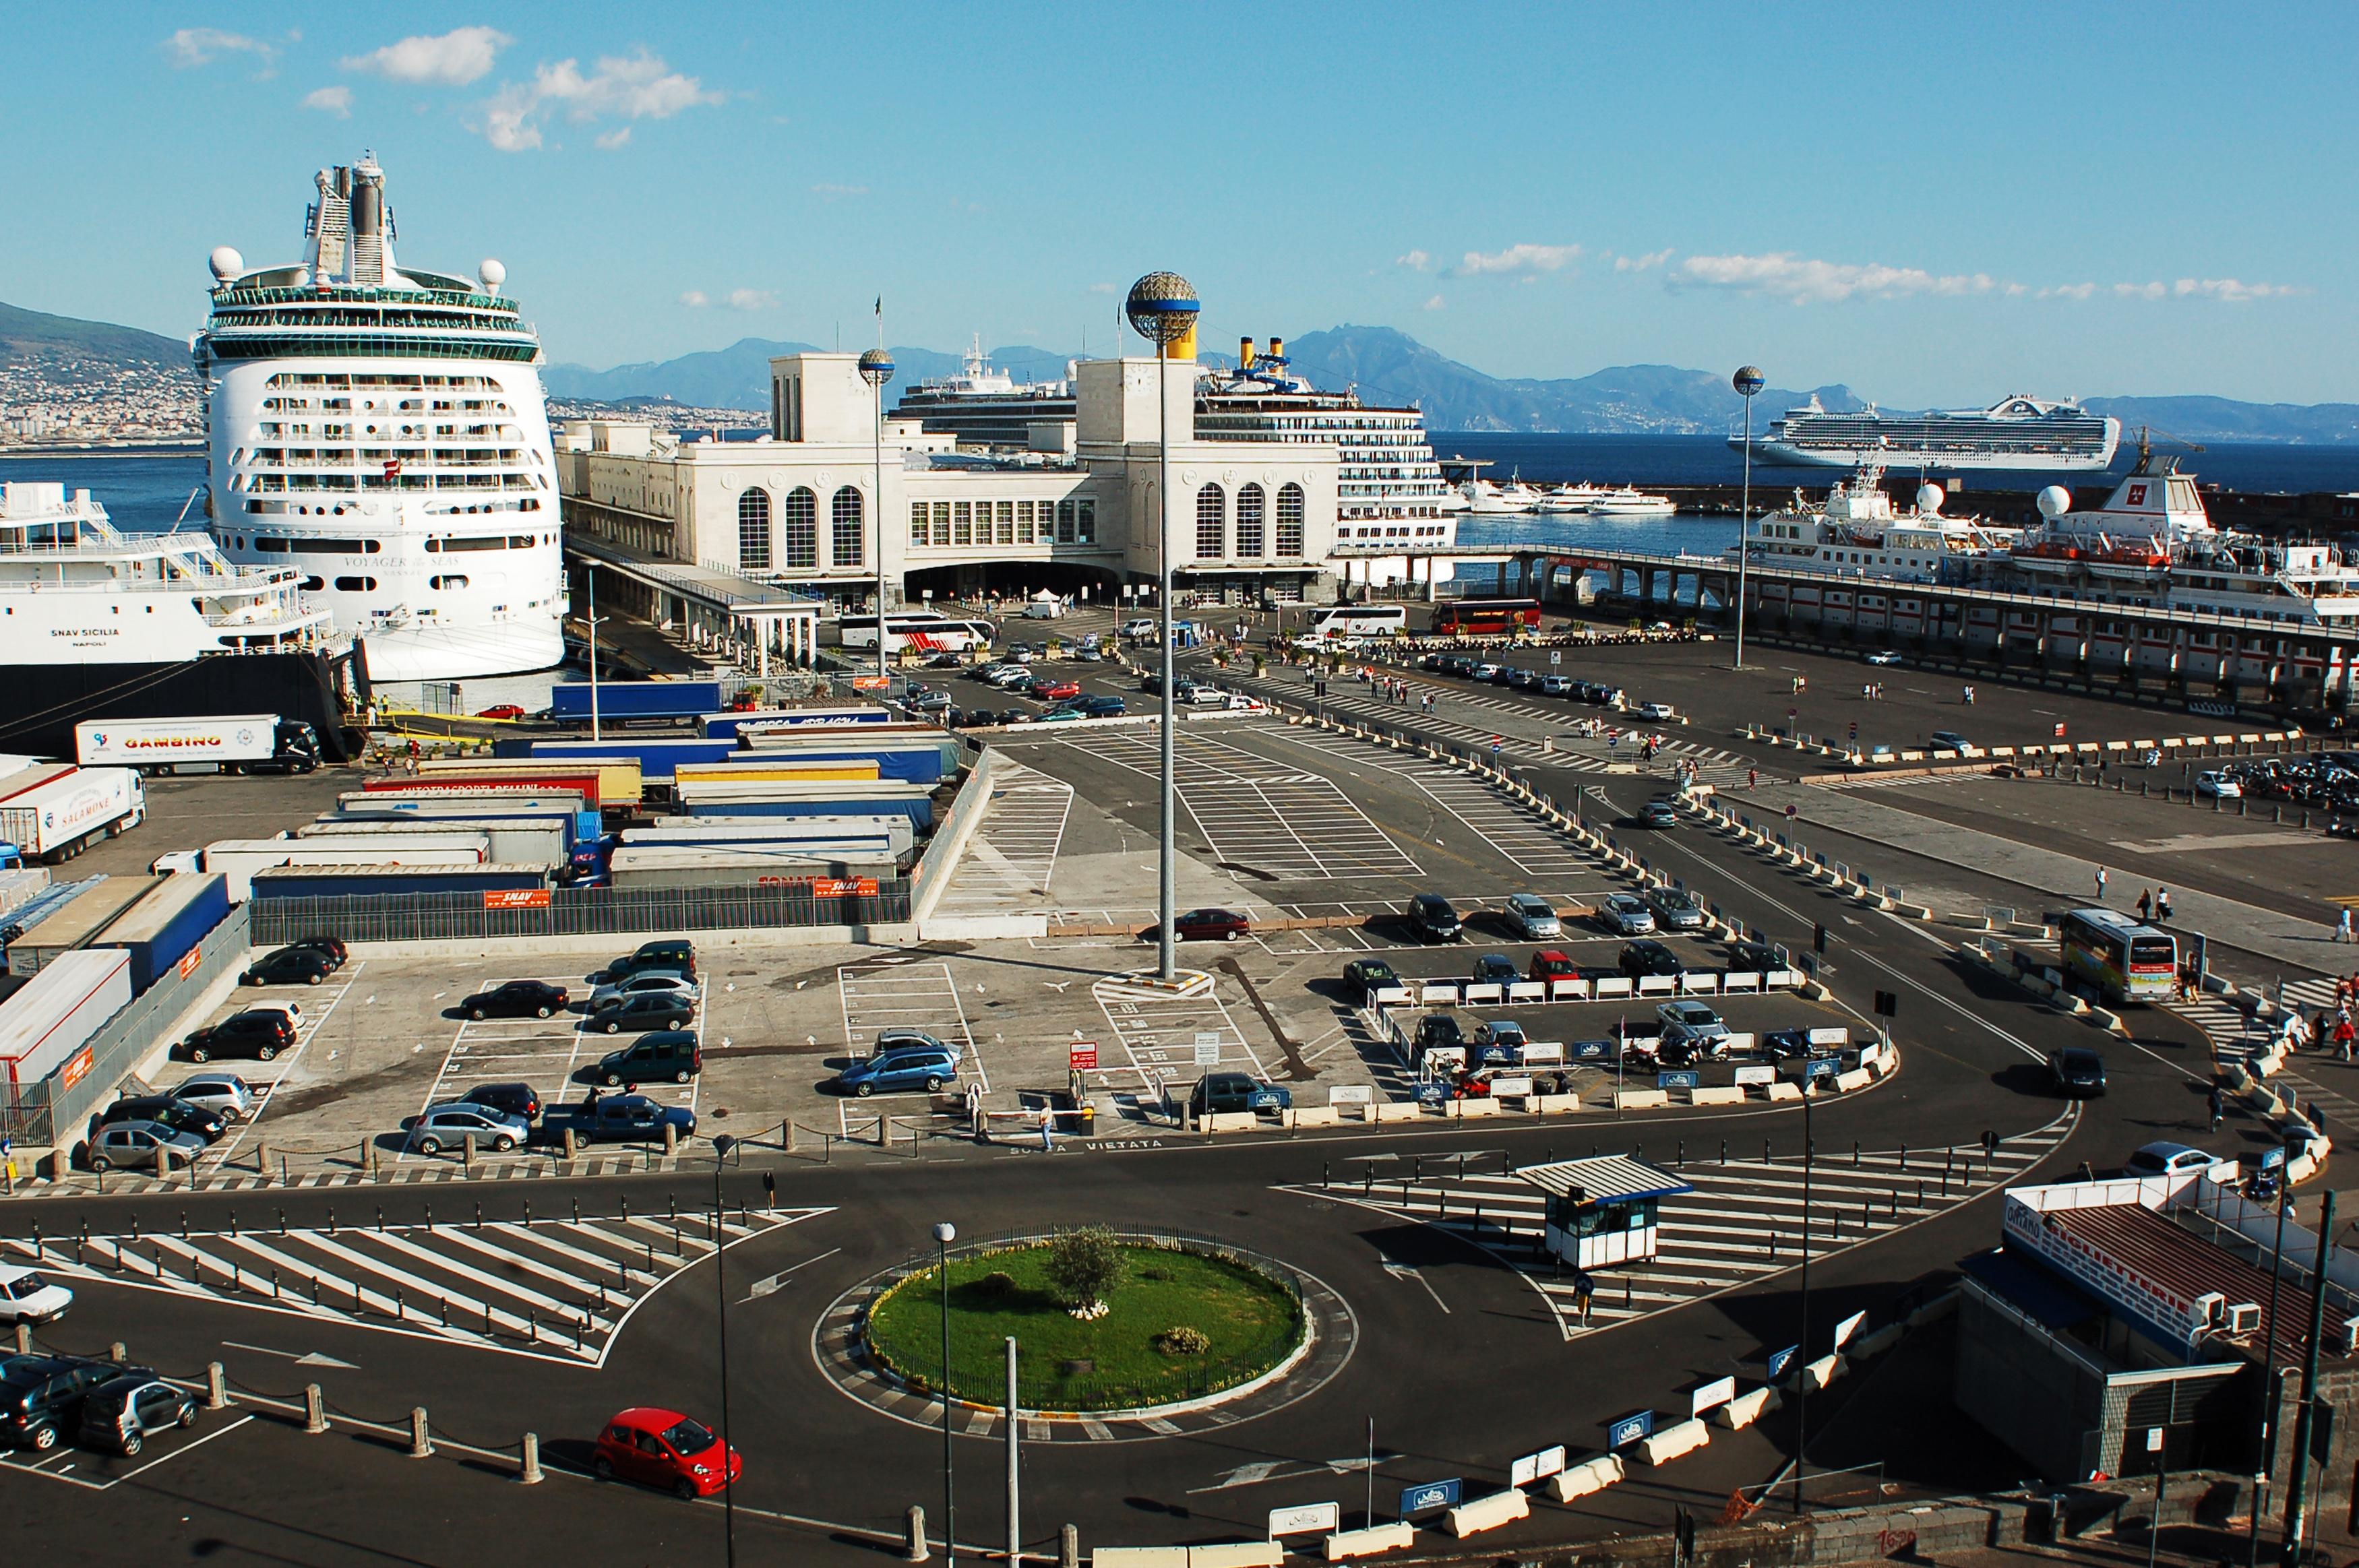 Aeroport De Naples Naple Centre Ville